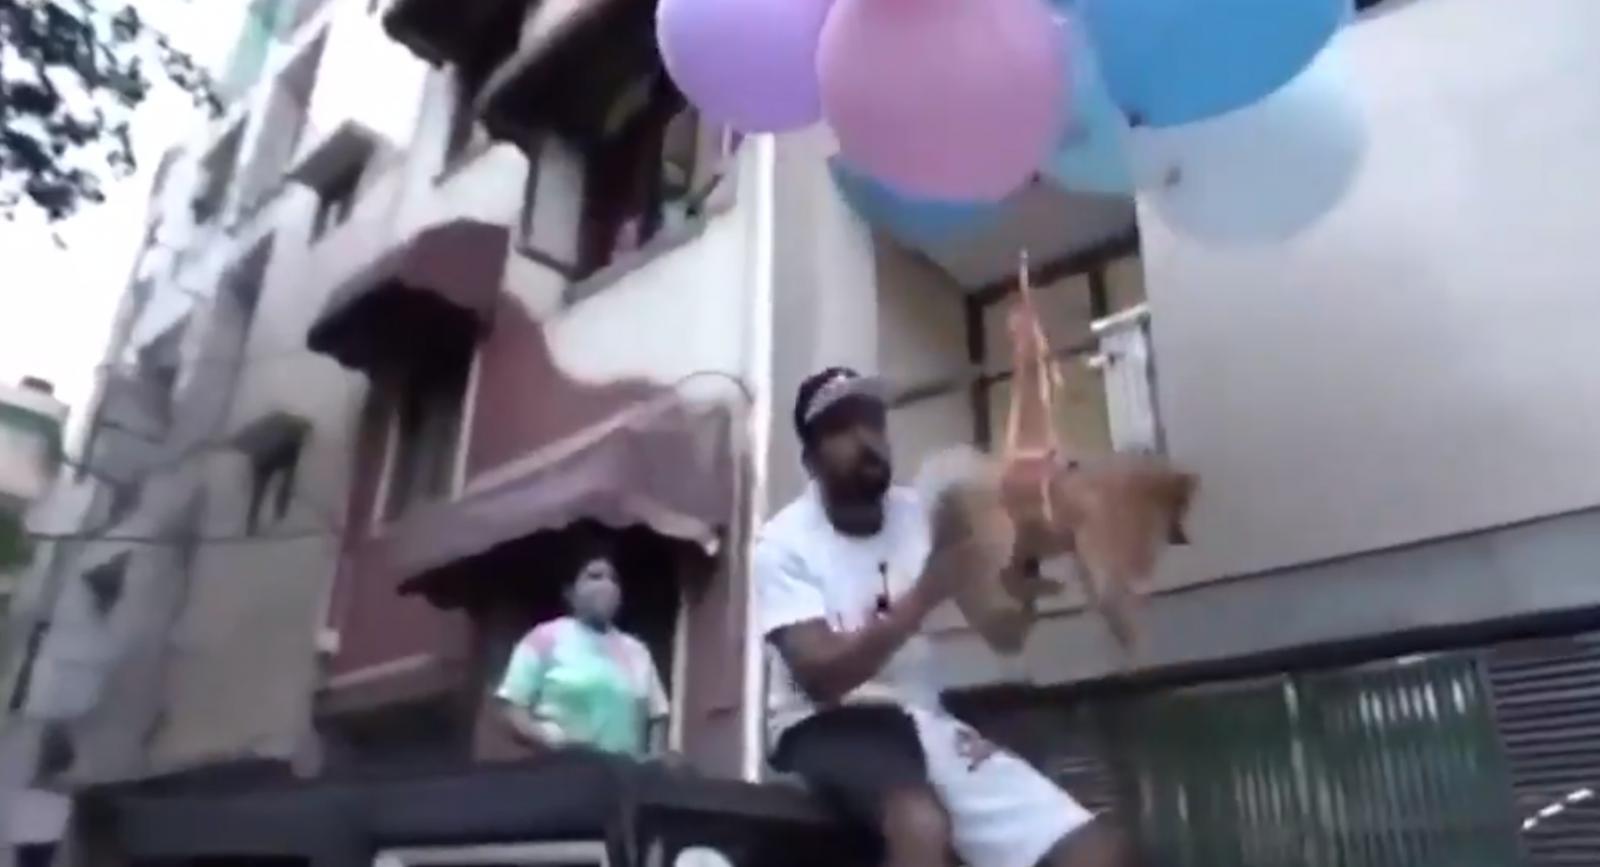 ตร.อินเดีย จับยูทูบเบอร์ดัง ทำคลิปสุนัขผูกติดลูกโป่ง ปล่อยลอยกลางกาศ